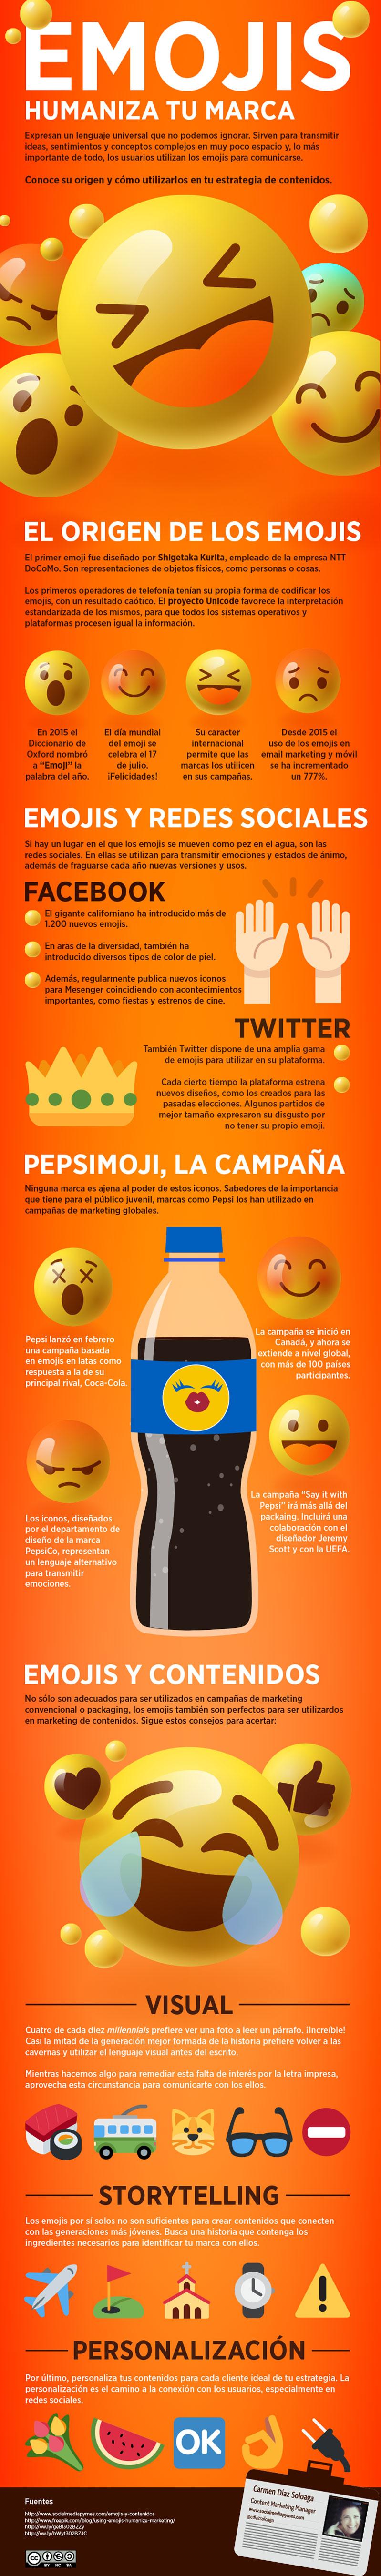 Cómo utilizar los emojis y contenidos para humanizar tu marca #infografia